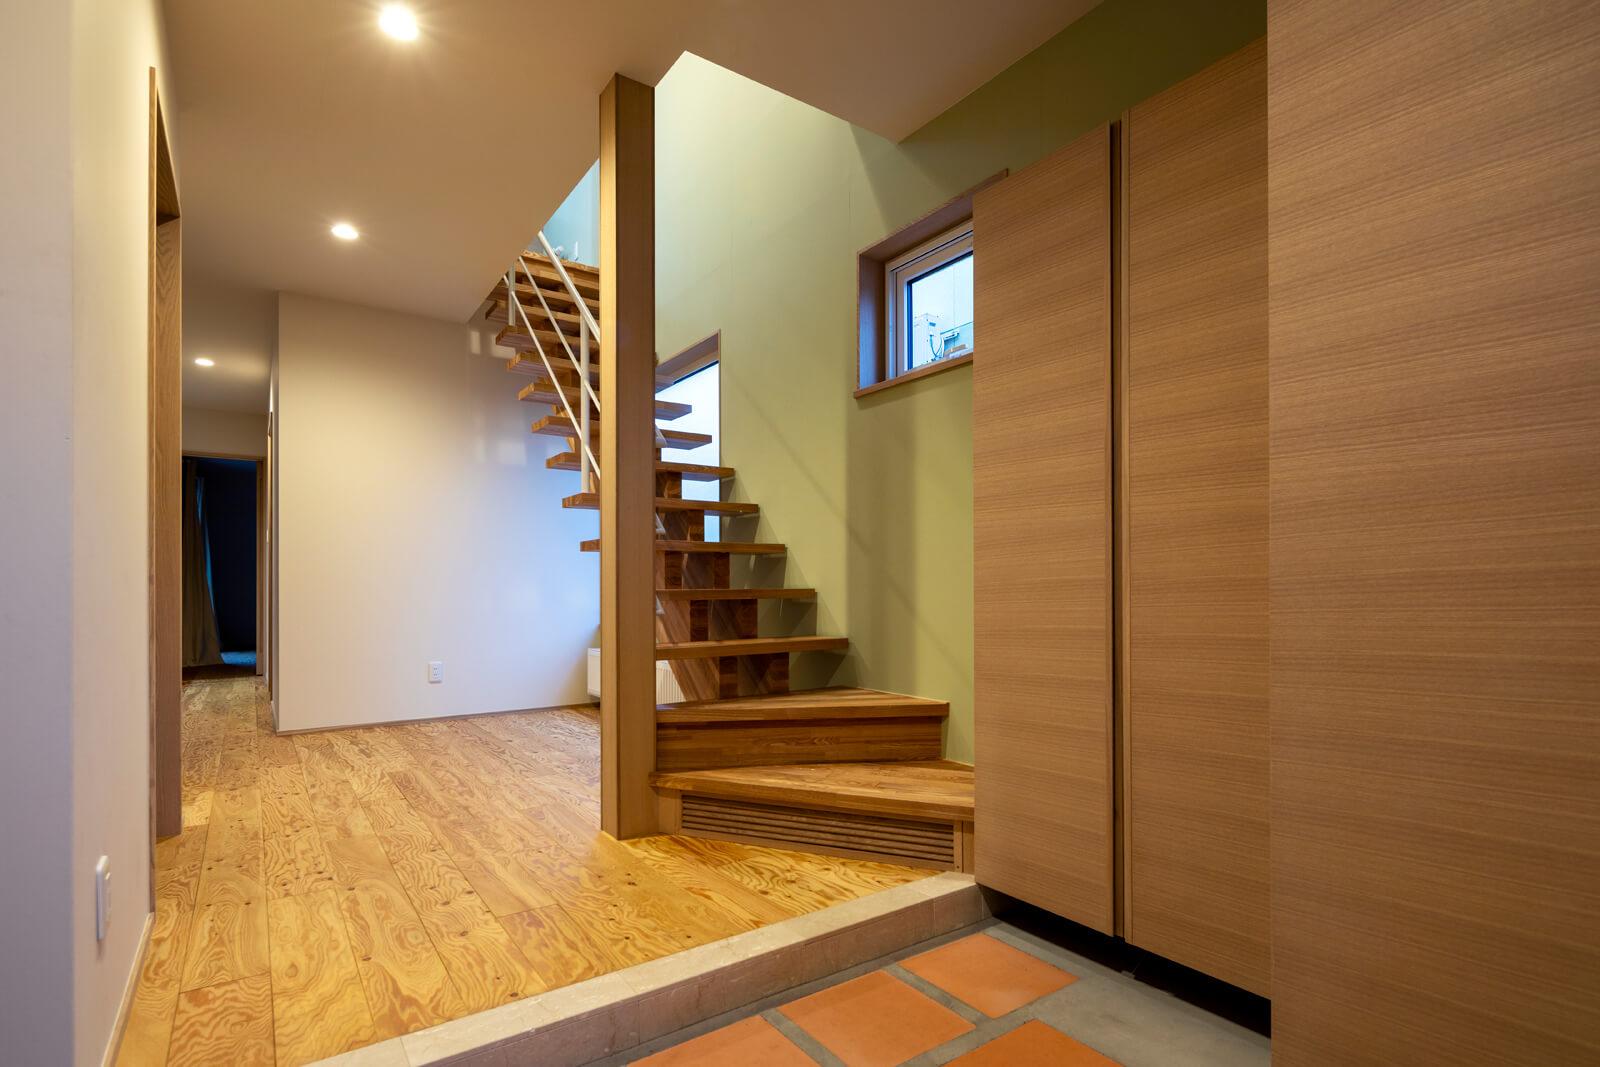 5人家族には嬉しい広い玄関スペース。玄関の床はテラコッタタイルを採用。階段から降りてくる光も心地よい